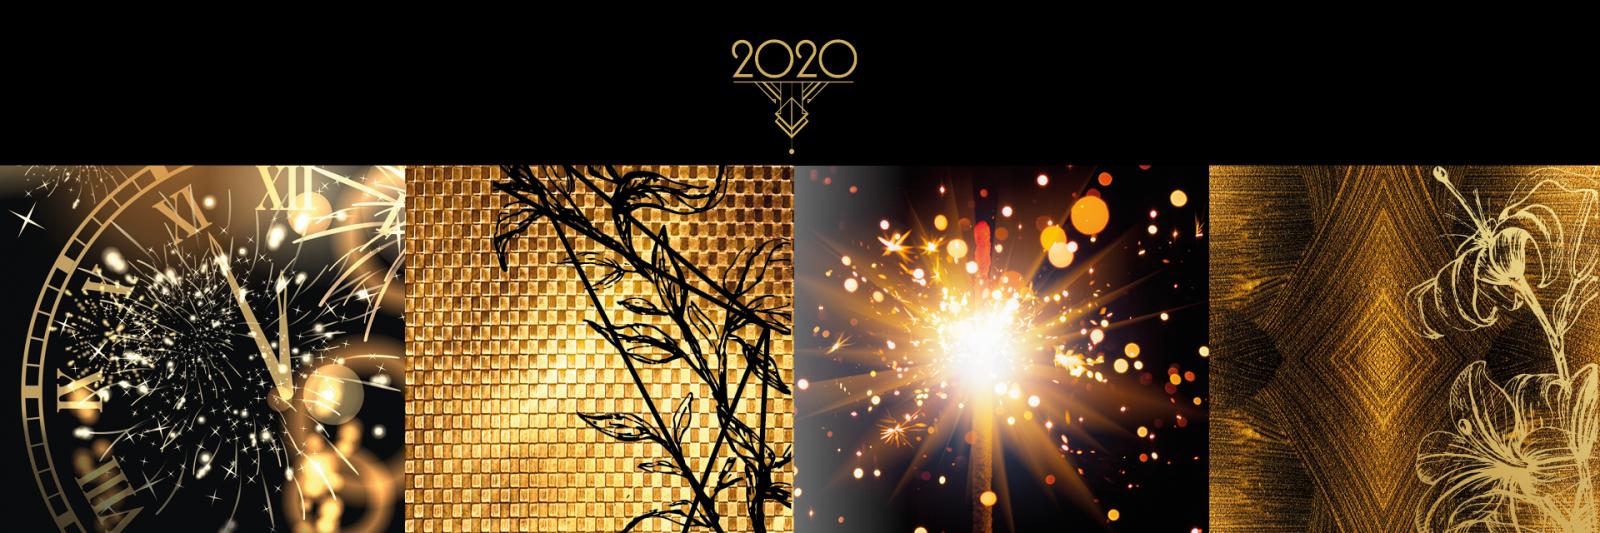 Het jaar 2020 nieuw kerstpakkettenthema